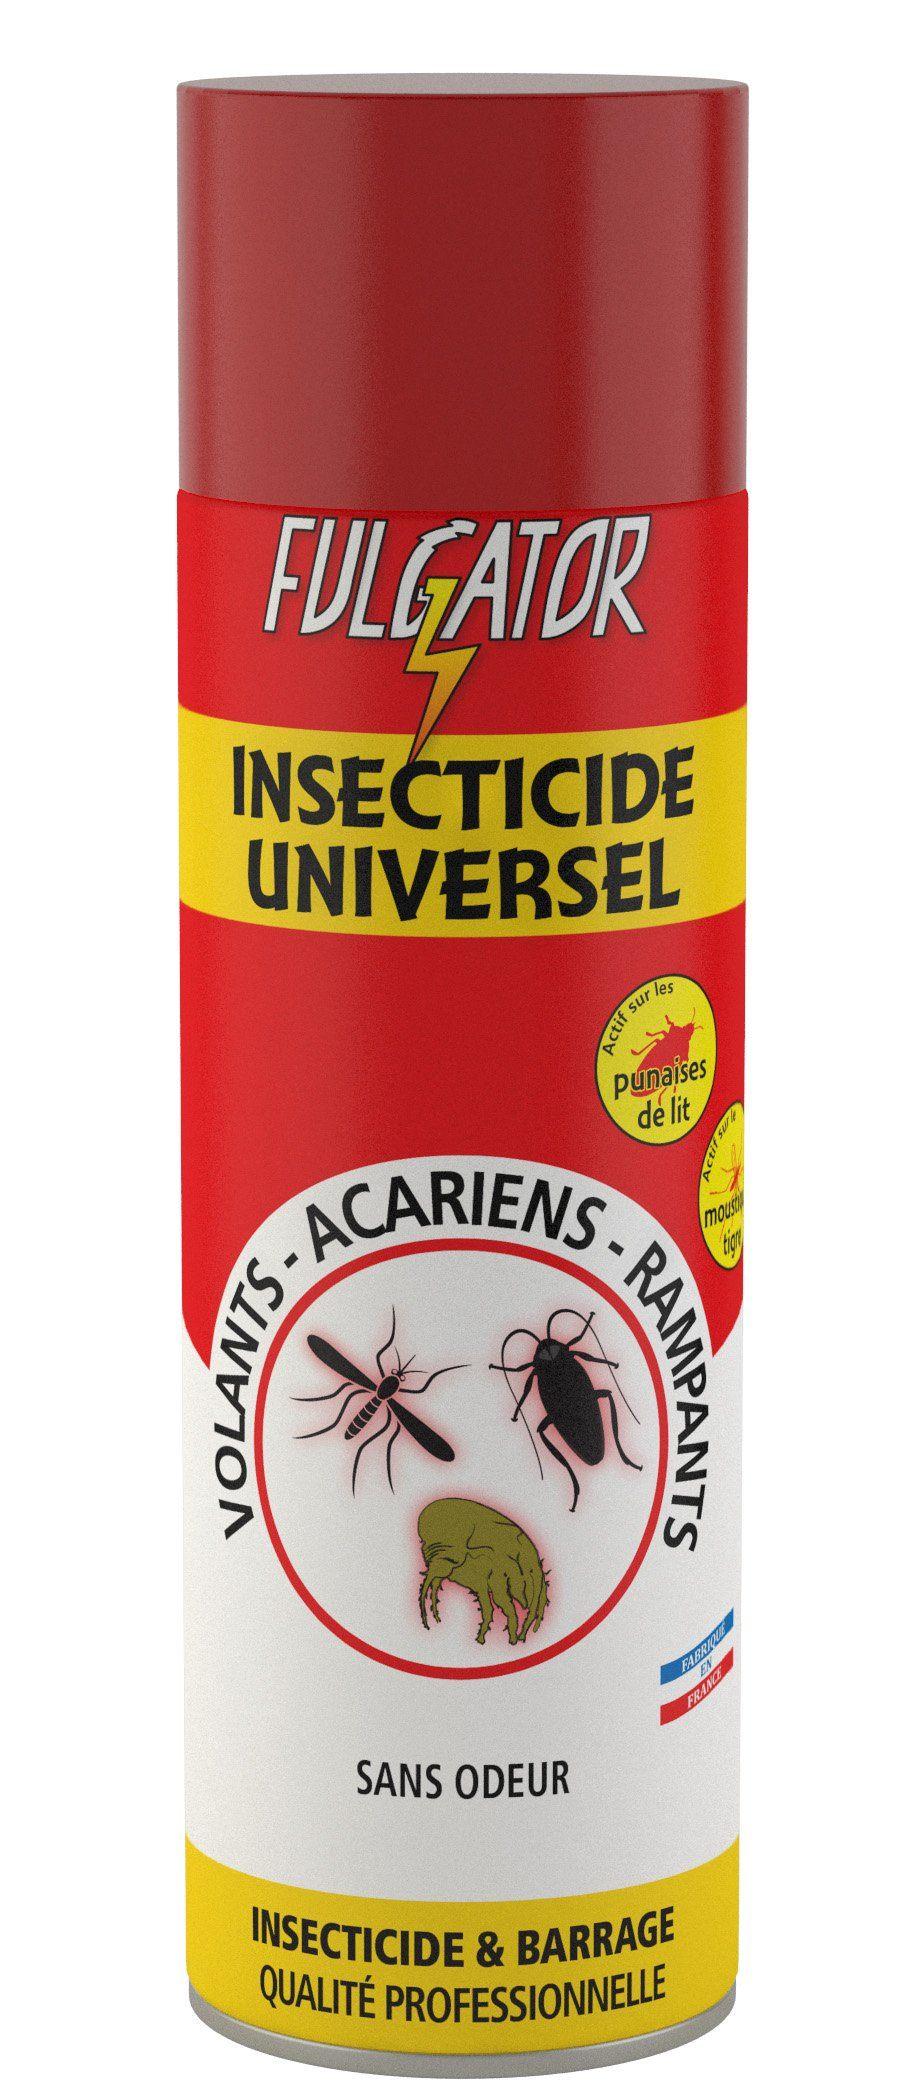 Larve Punaise De Lit Agréable Fulgator Insecticide Barrage Insecticide Universel tous